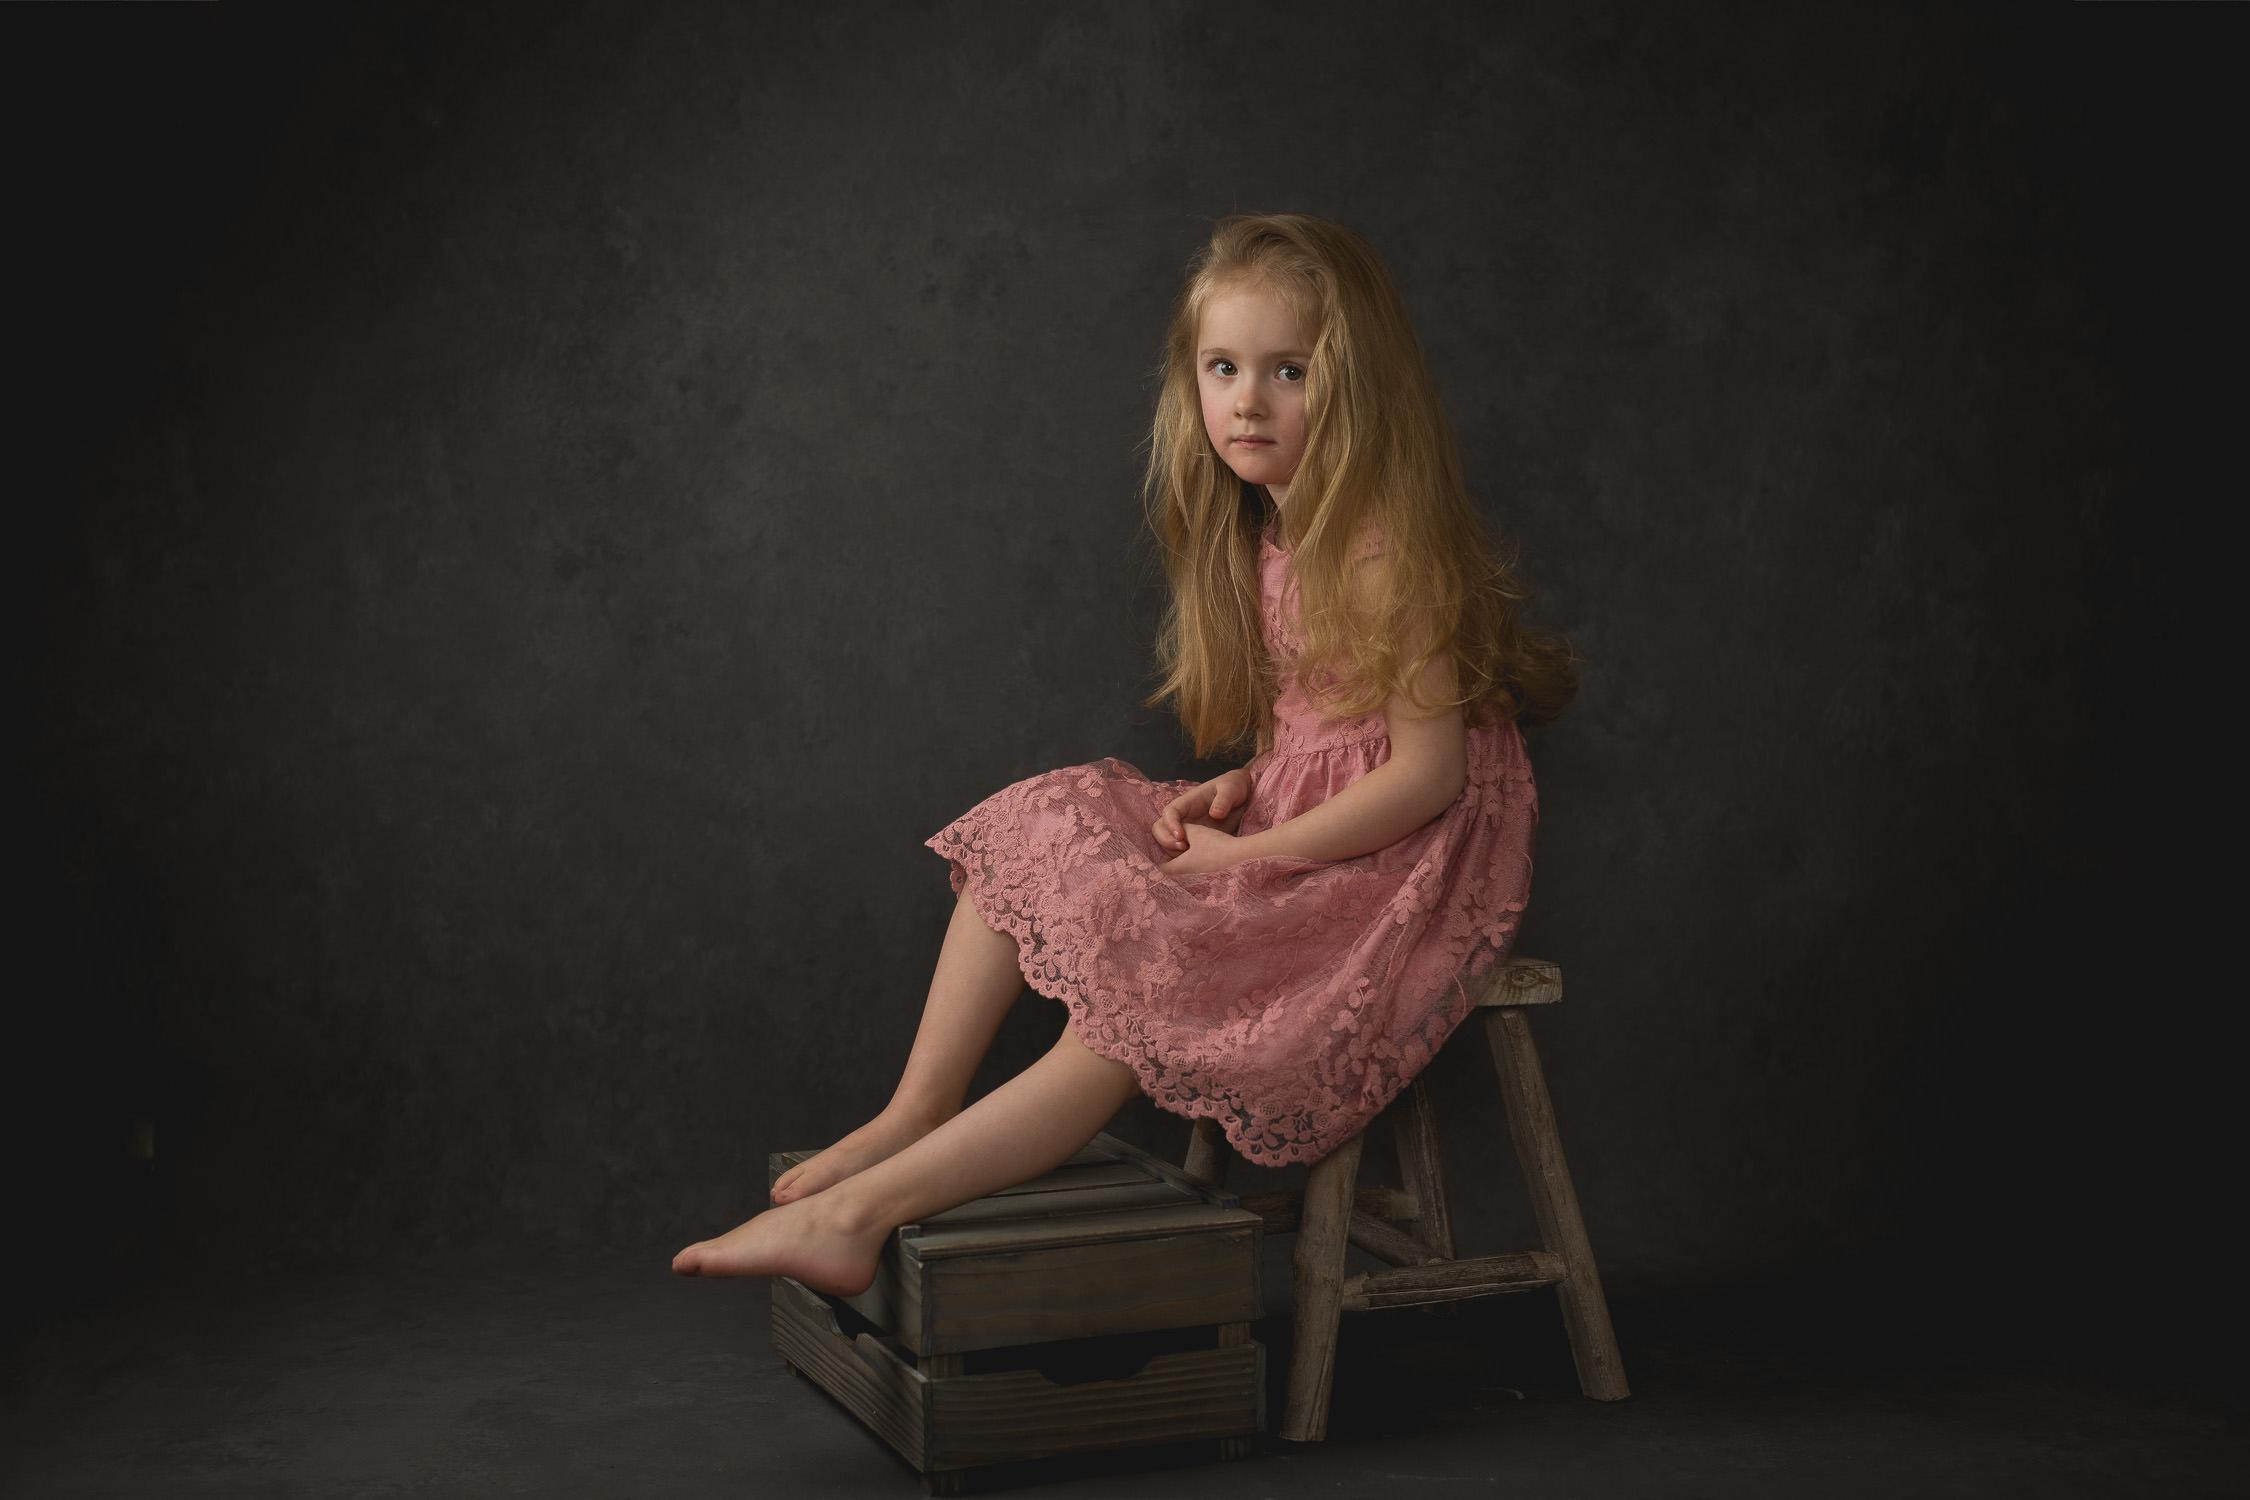 barn-ettaar-1-barnefotograf-barnefotografering-to-fotograf--7534.jpg